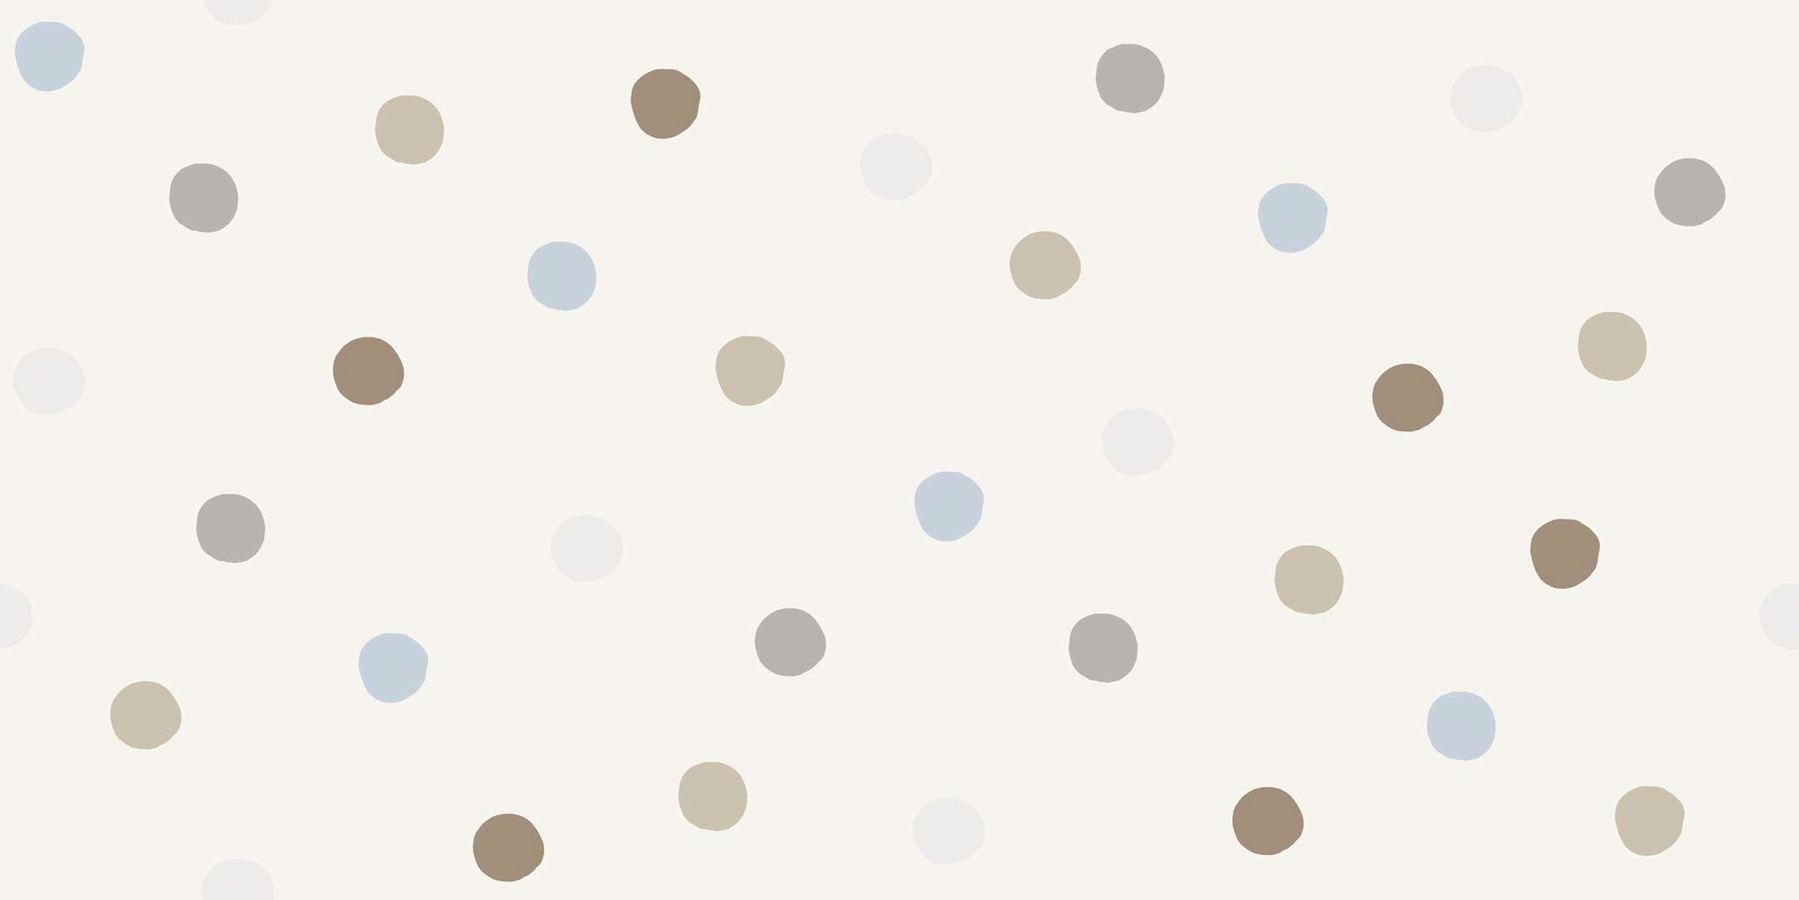 inicio tienda colores buscar los papeles por colores marrones beiges blancos y huesos